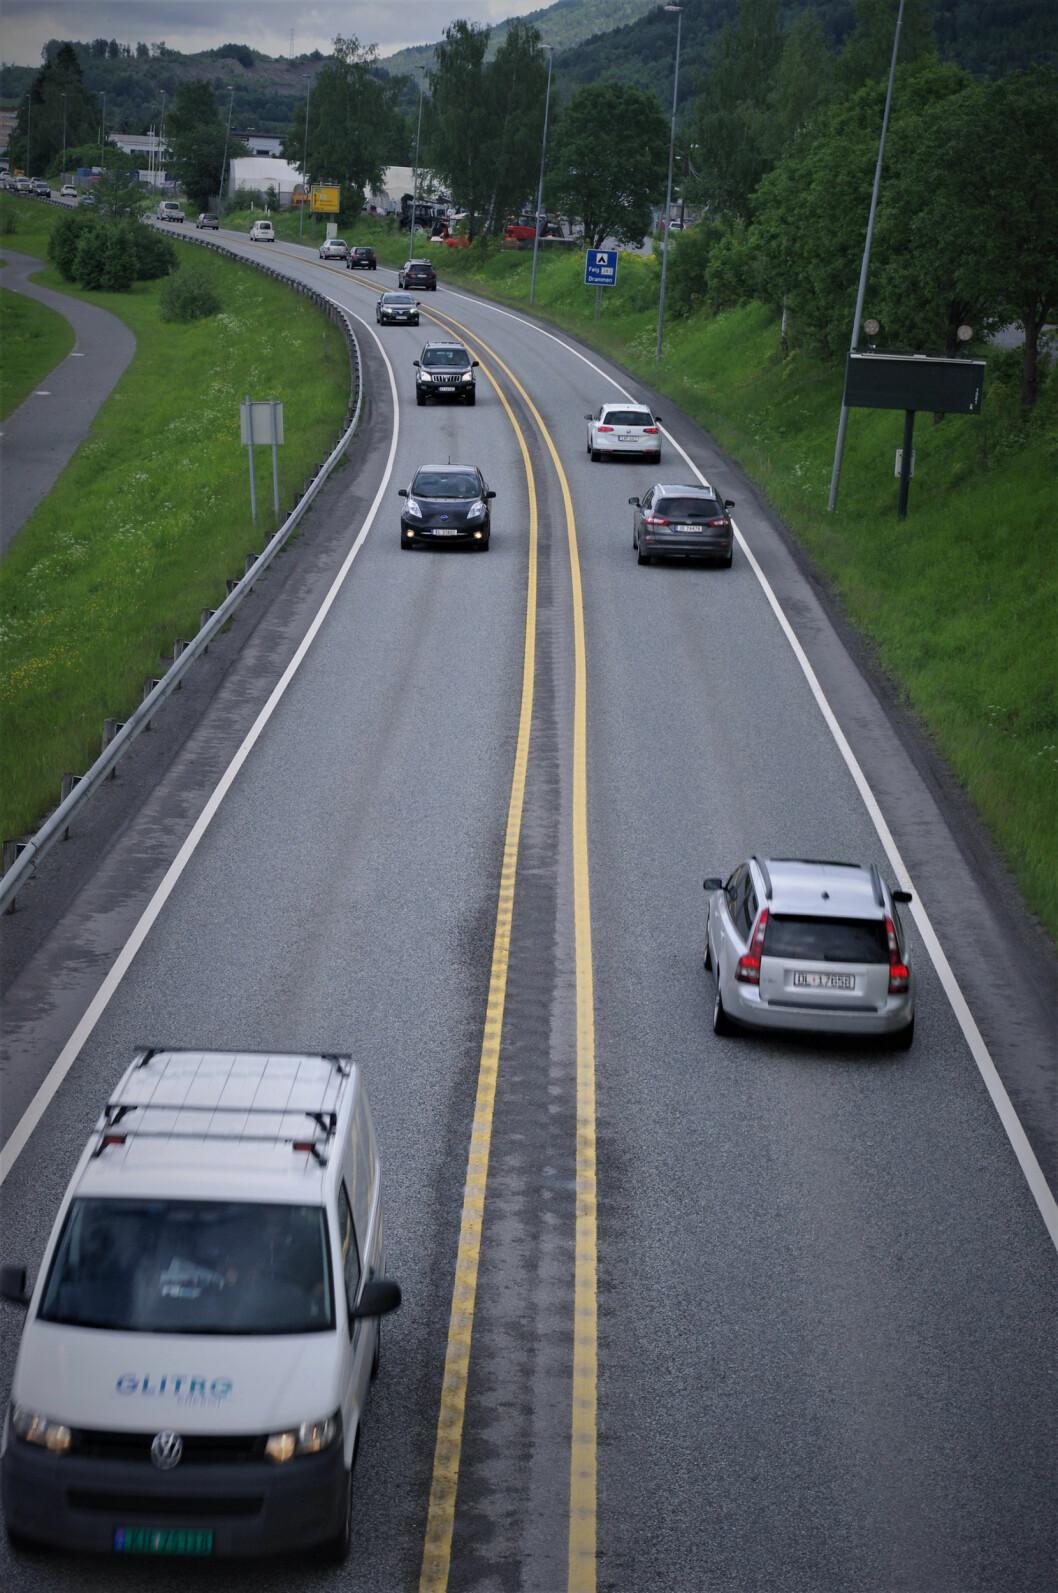 MØTEVEI: Slik ser E134 ut forbi Mjøndalen: Høy trafikk på vei med bare to felt og ingen midtdelere. Foto: Geir Røed